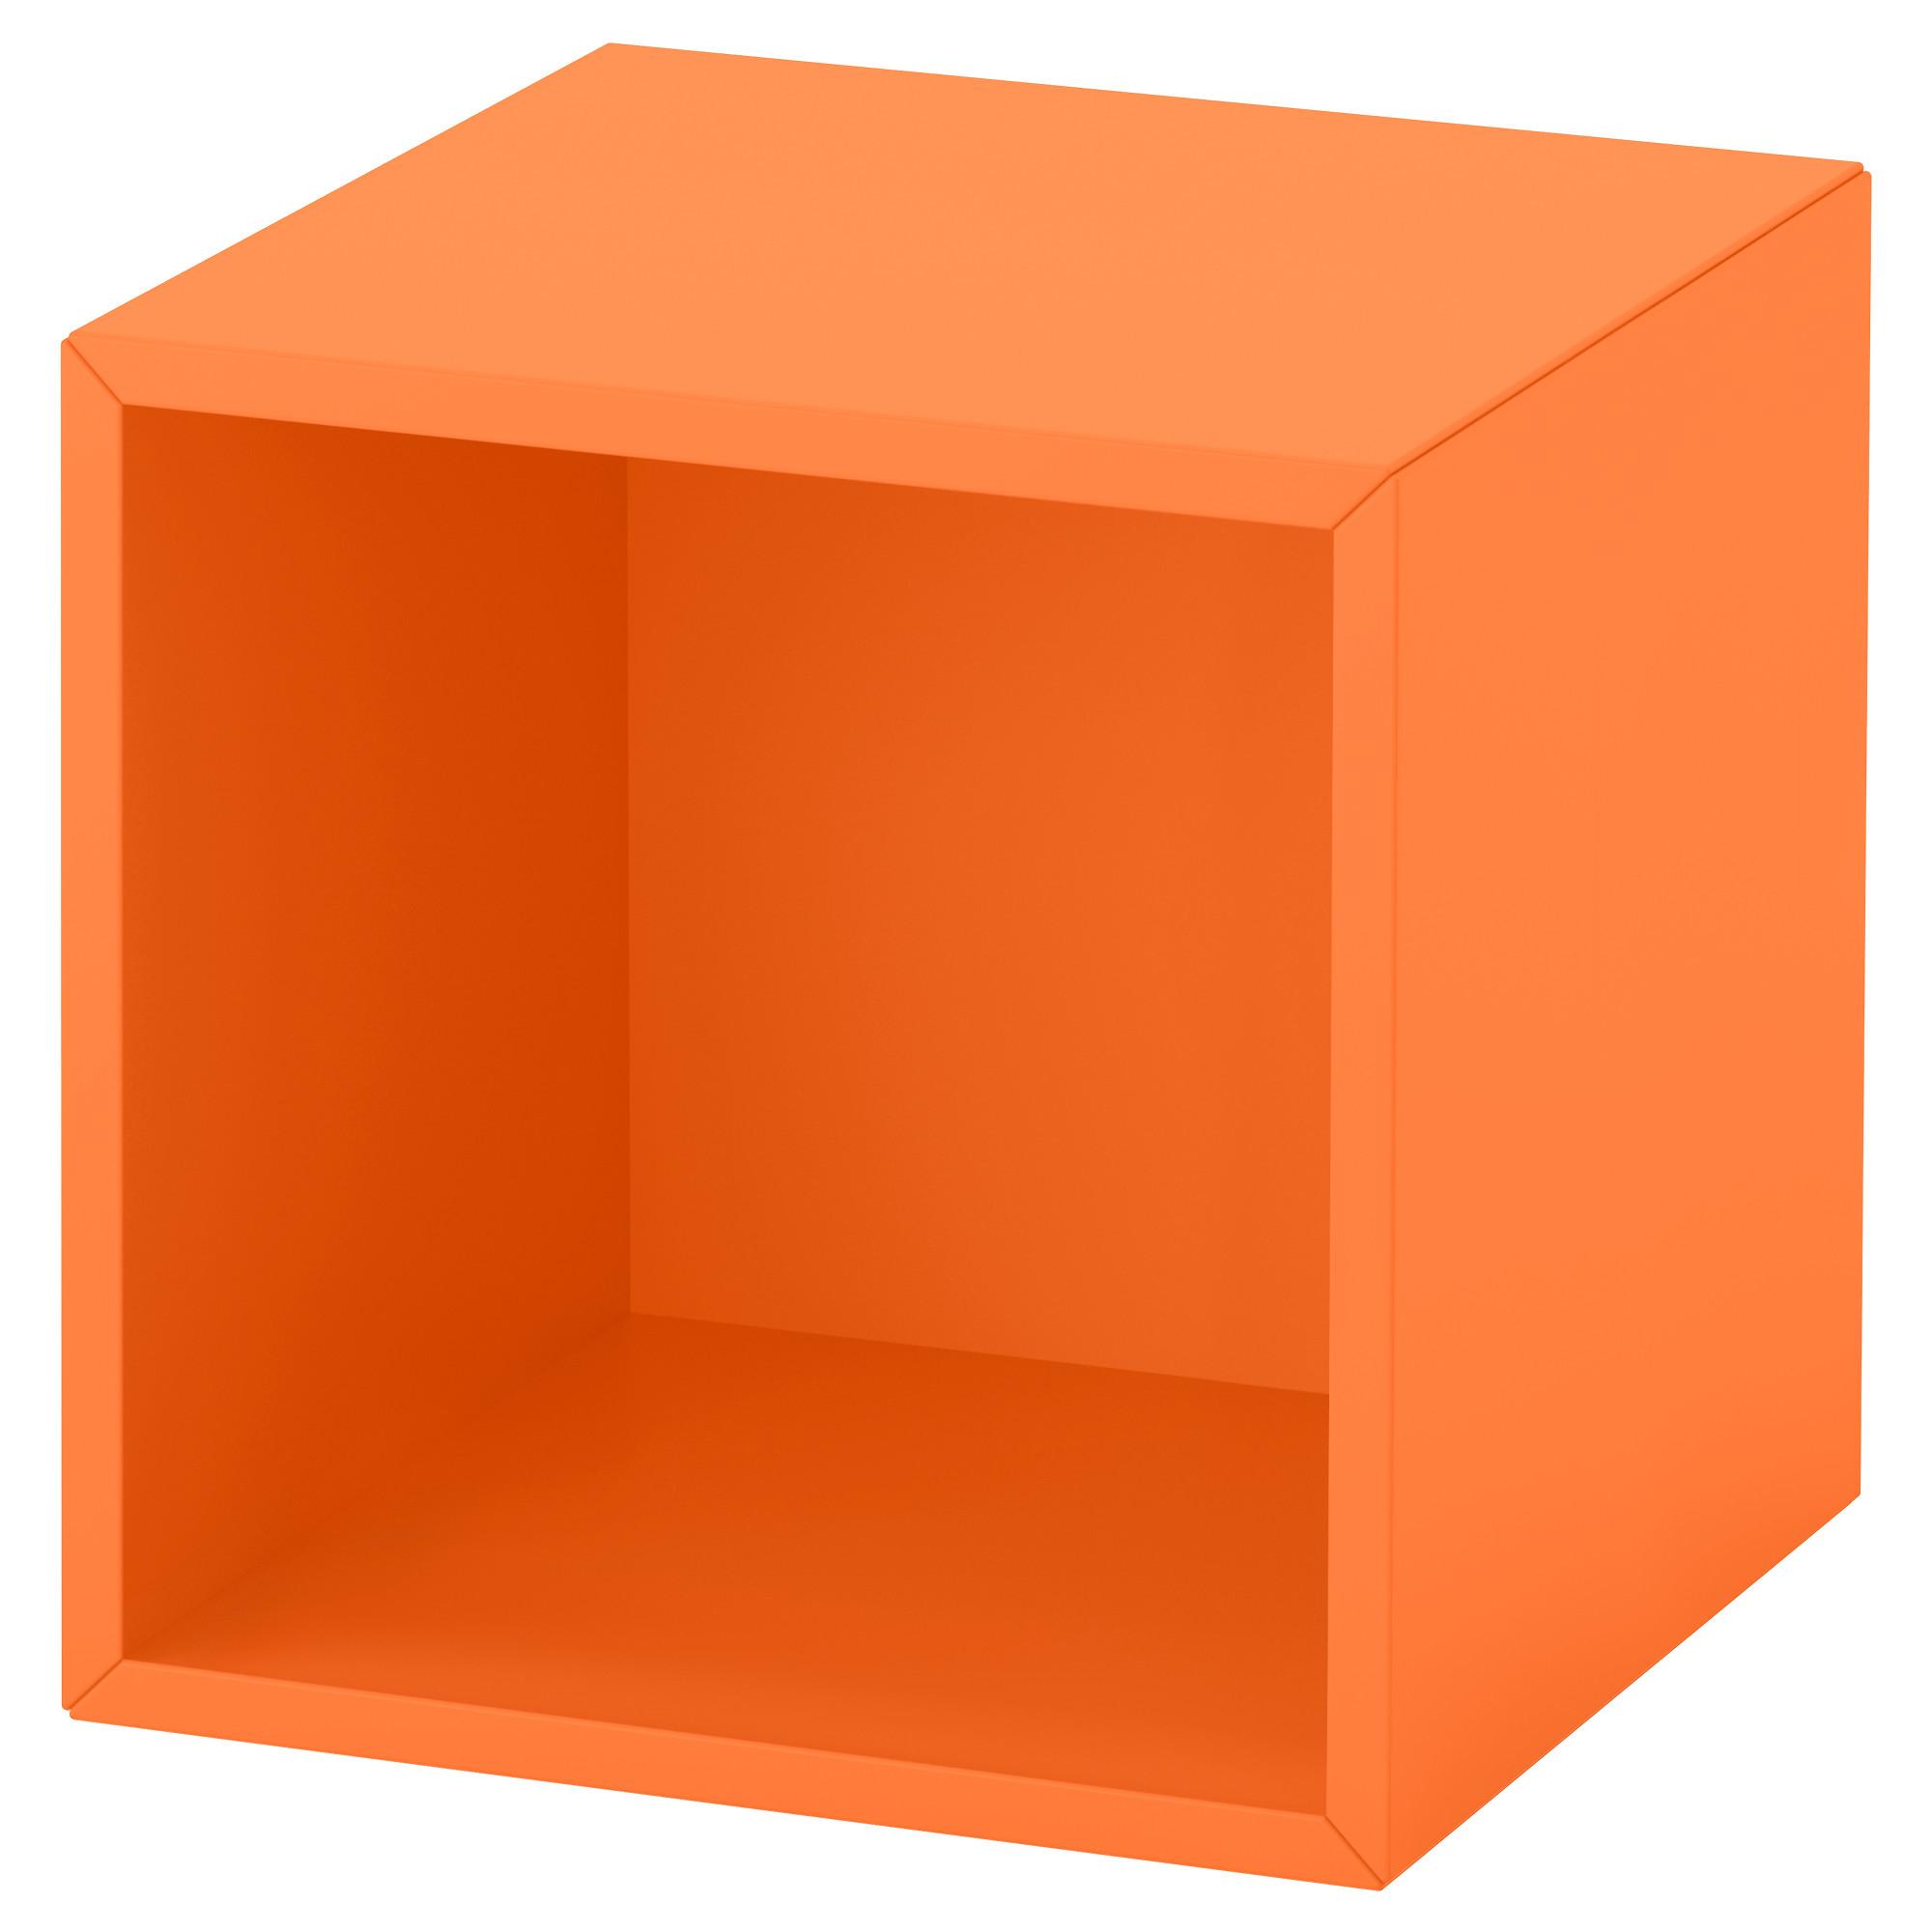 Навесной модуль ЭКЕТ оранжевый артикуль № 492.858.84 в наличии. Онлайн сайт IKEA Беларусь. Быстрая доставка и установка.